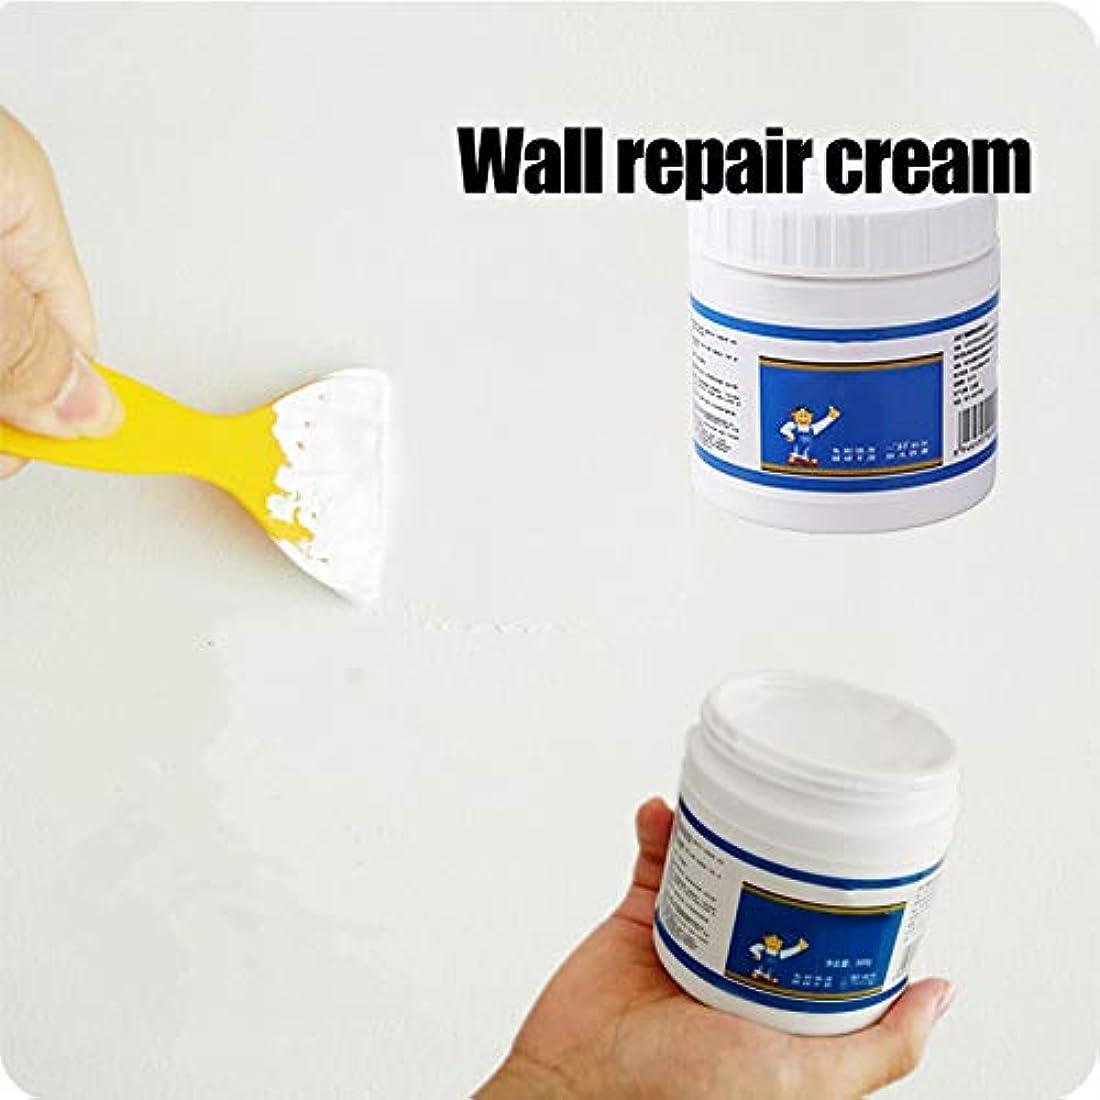 巨大粘り強い終わったAylincool壁修理クリーム、壁亀裂修理クリーム、ラテックスペースト防水非腐食性ホルムアルデヒドペーストラテックス